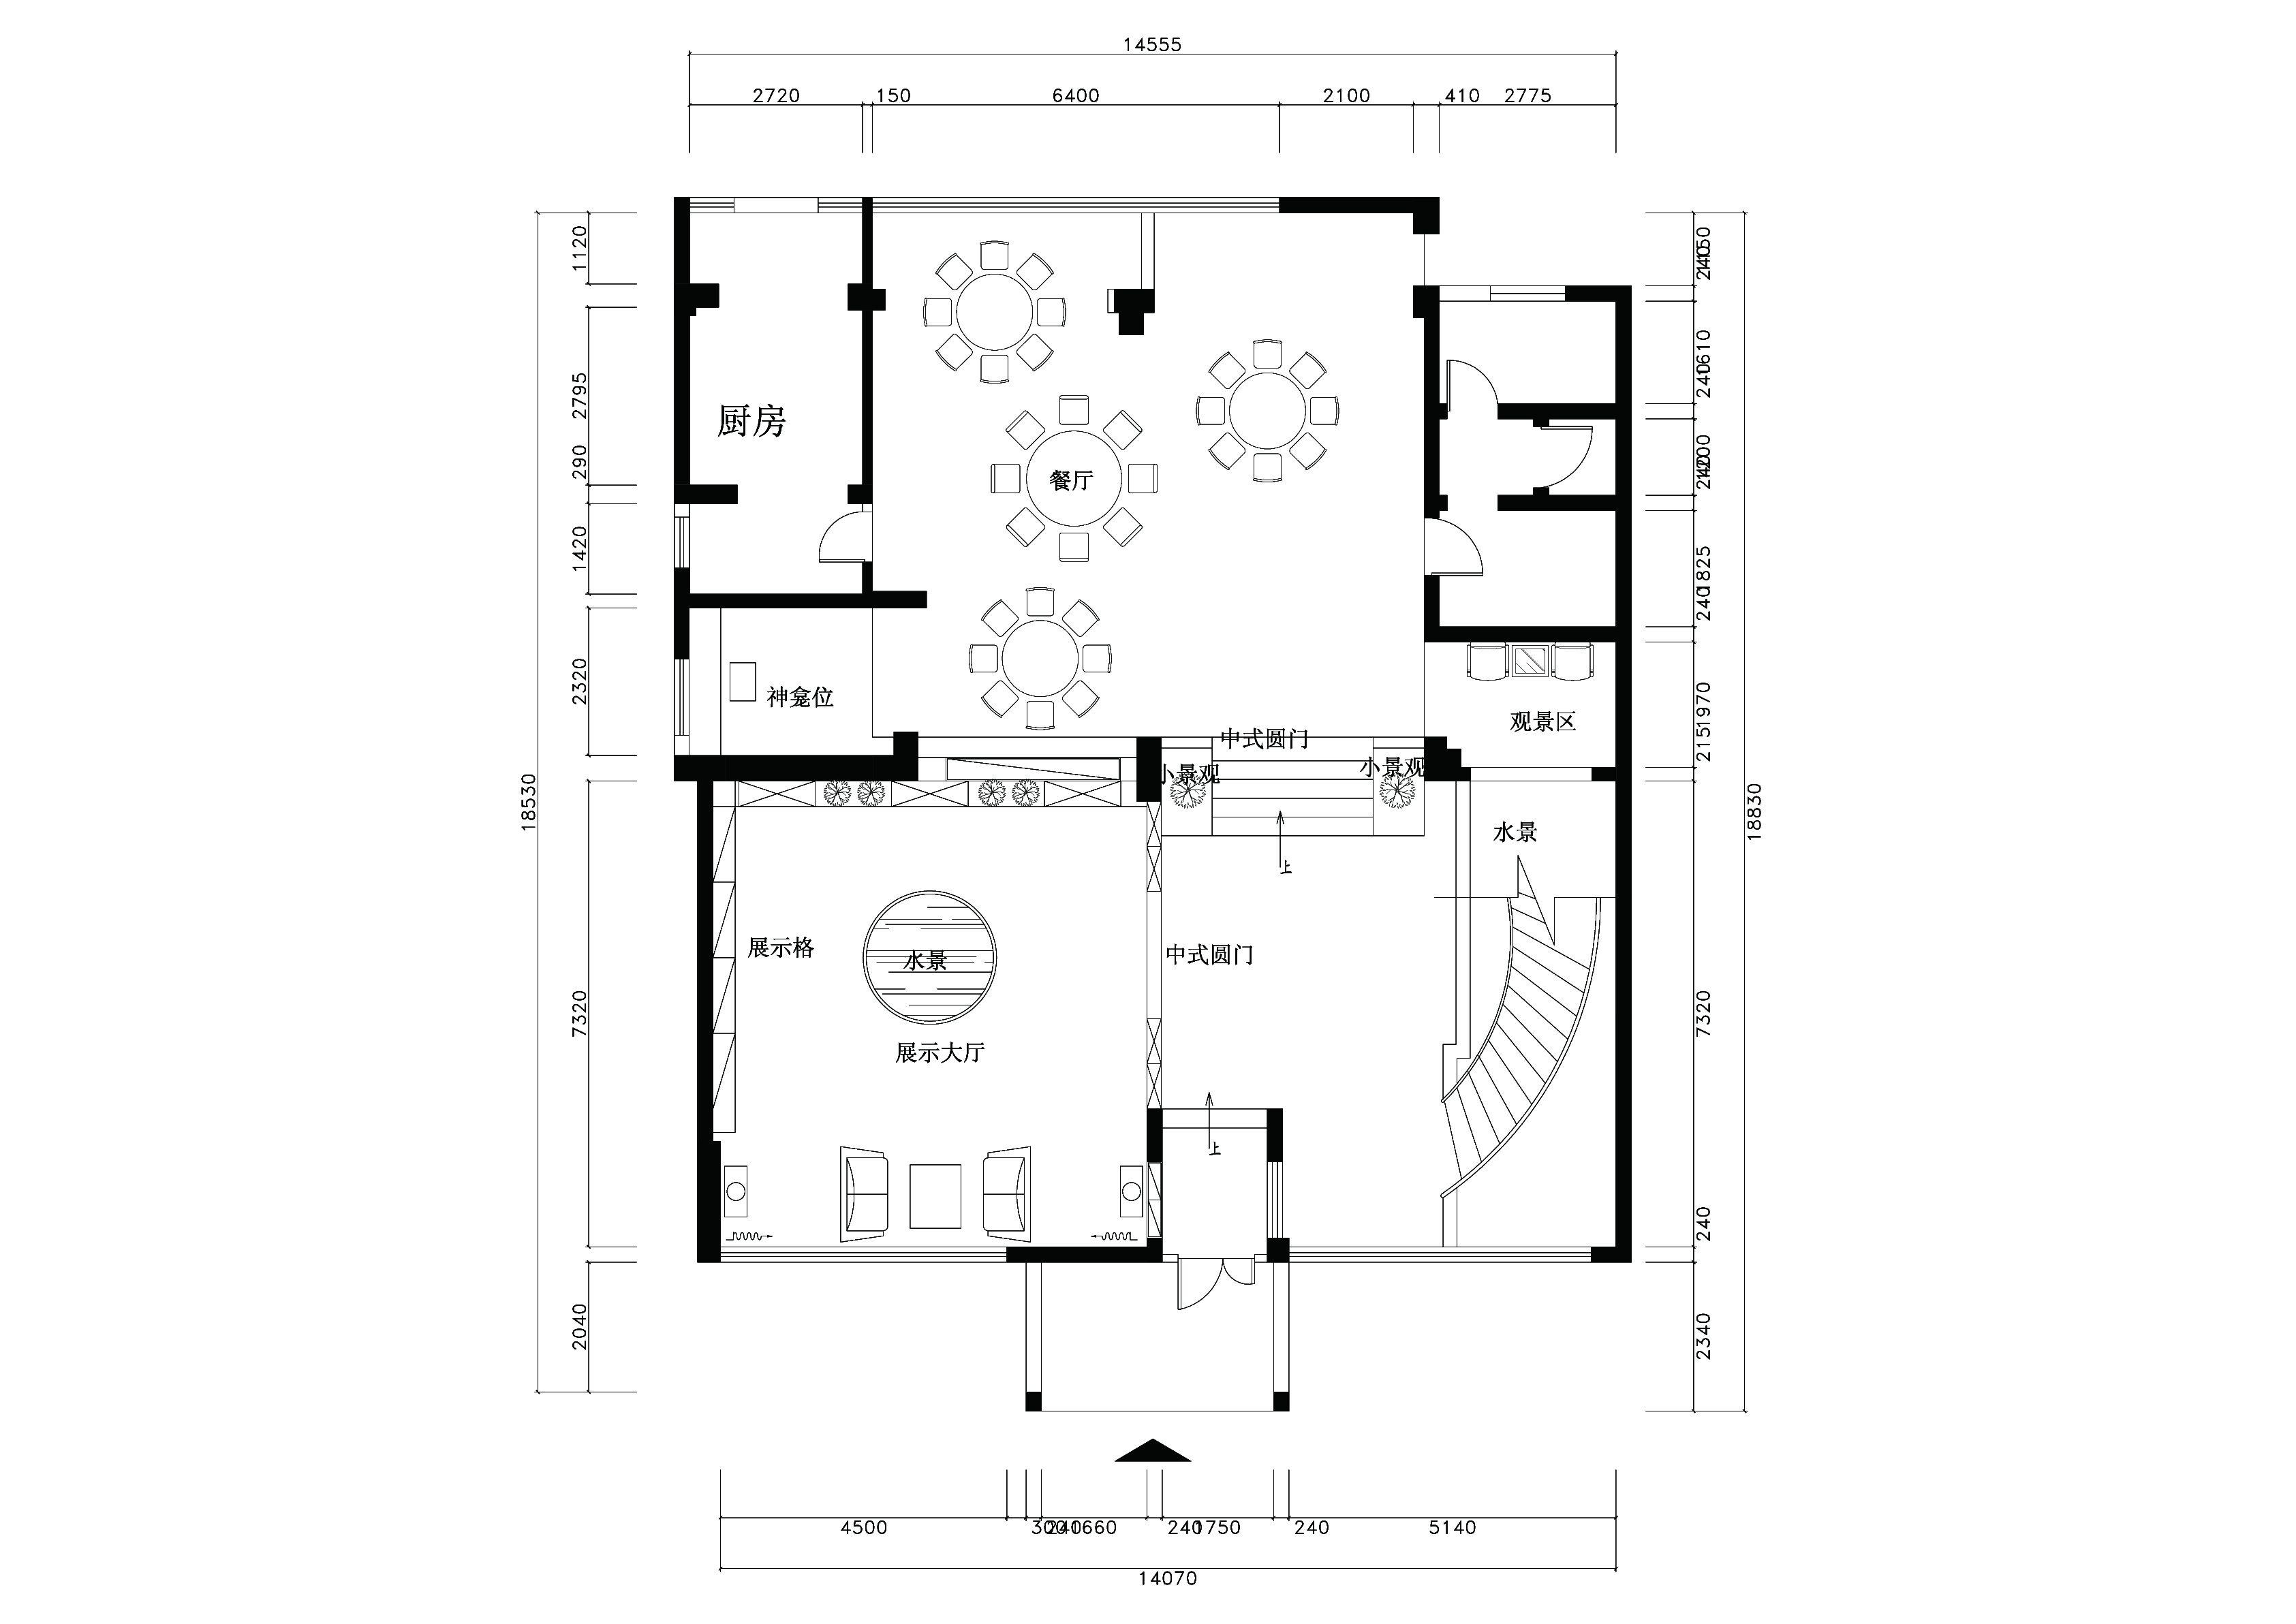 高贵,典雅---中式会所1 - 会所设计 - 贵阳室内设计网